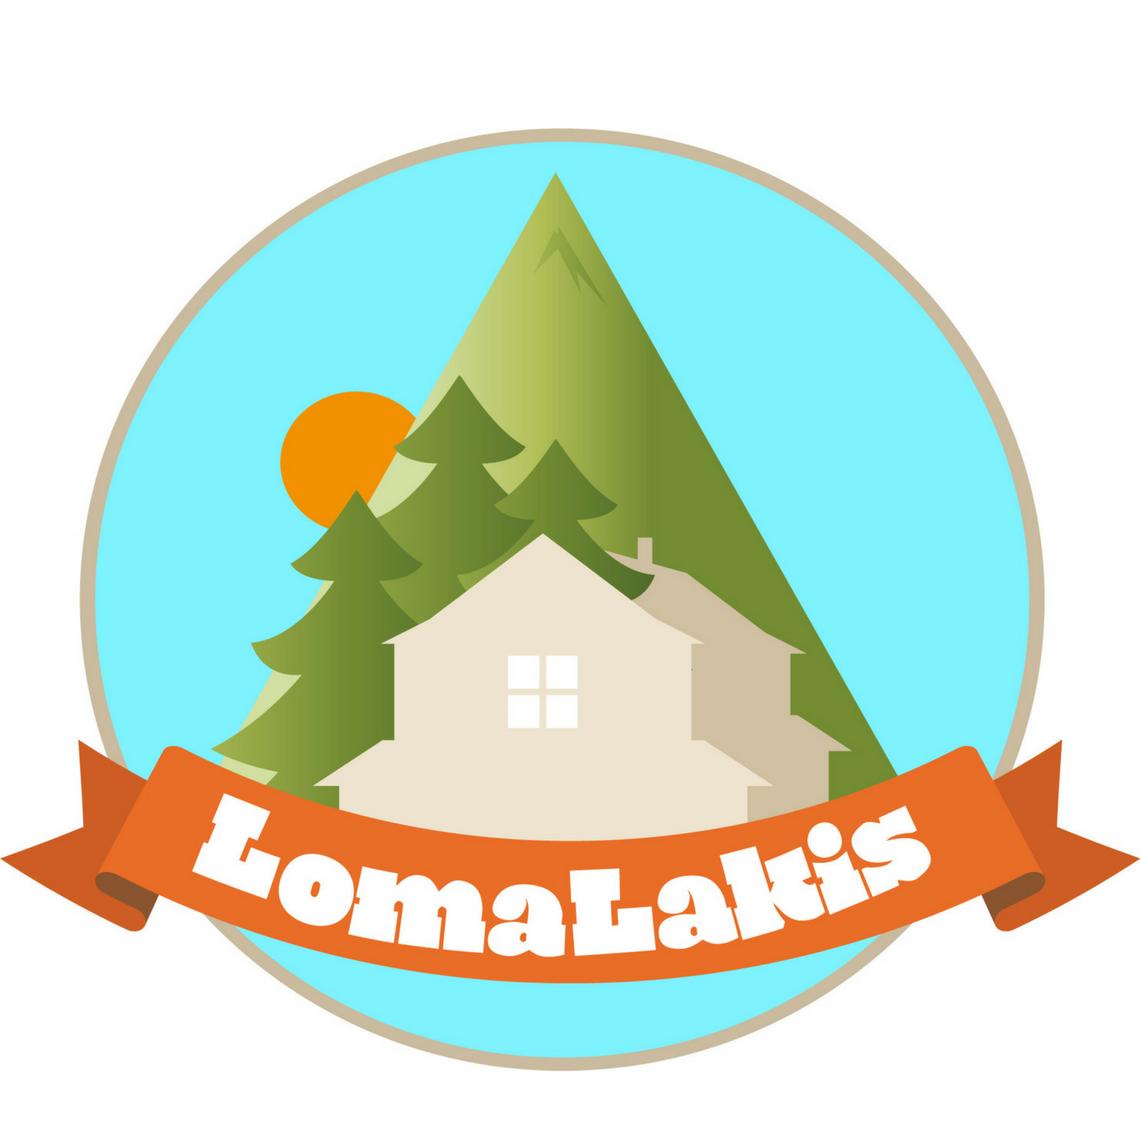 Lomalakis LOGO